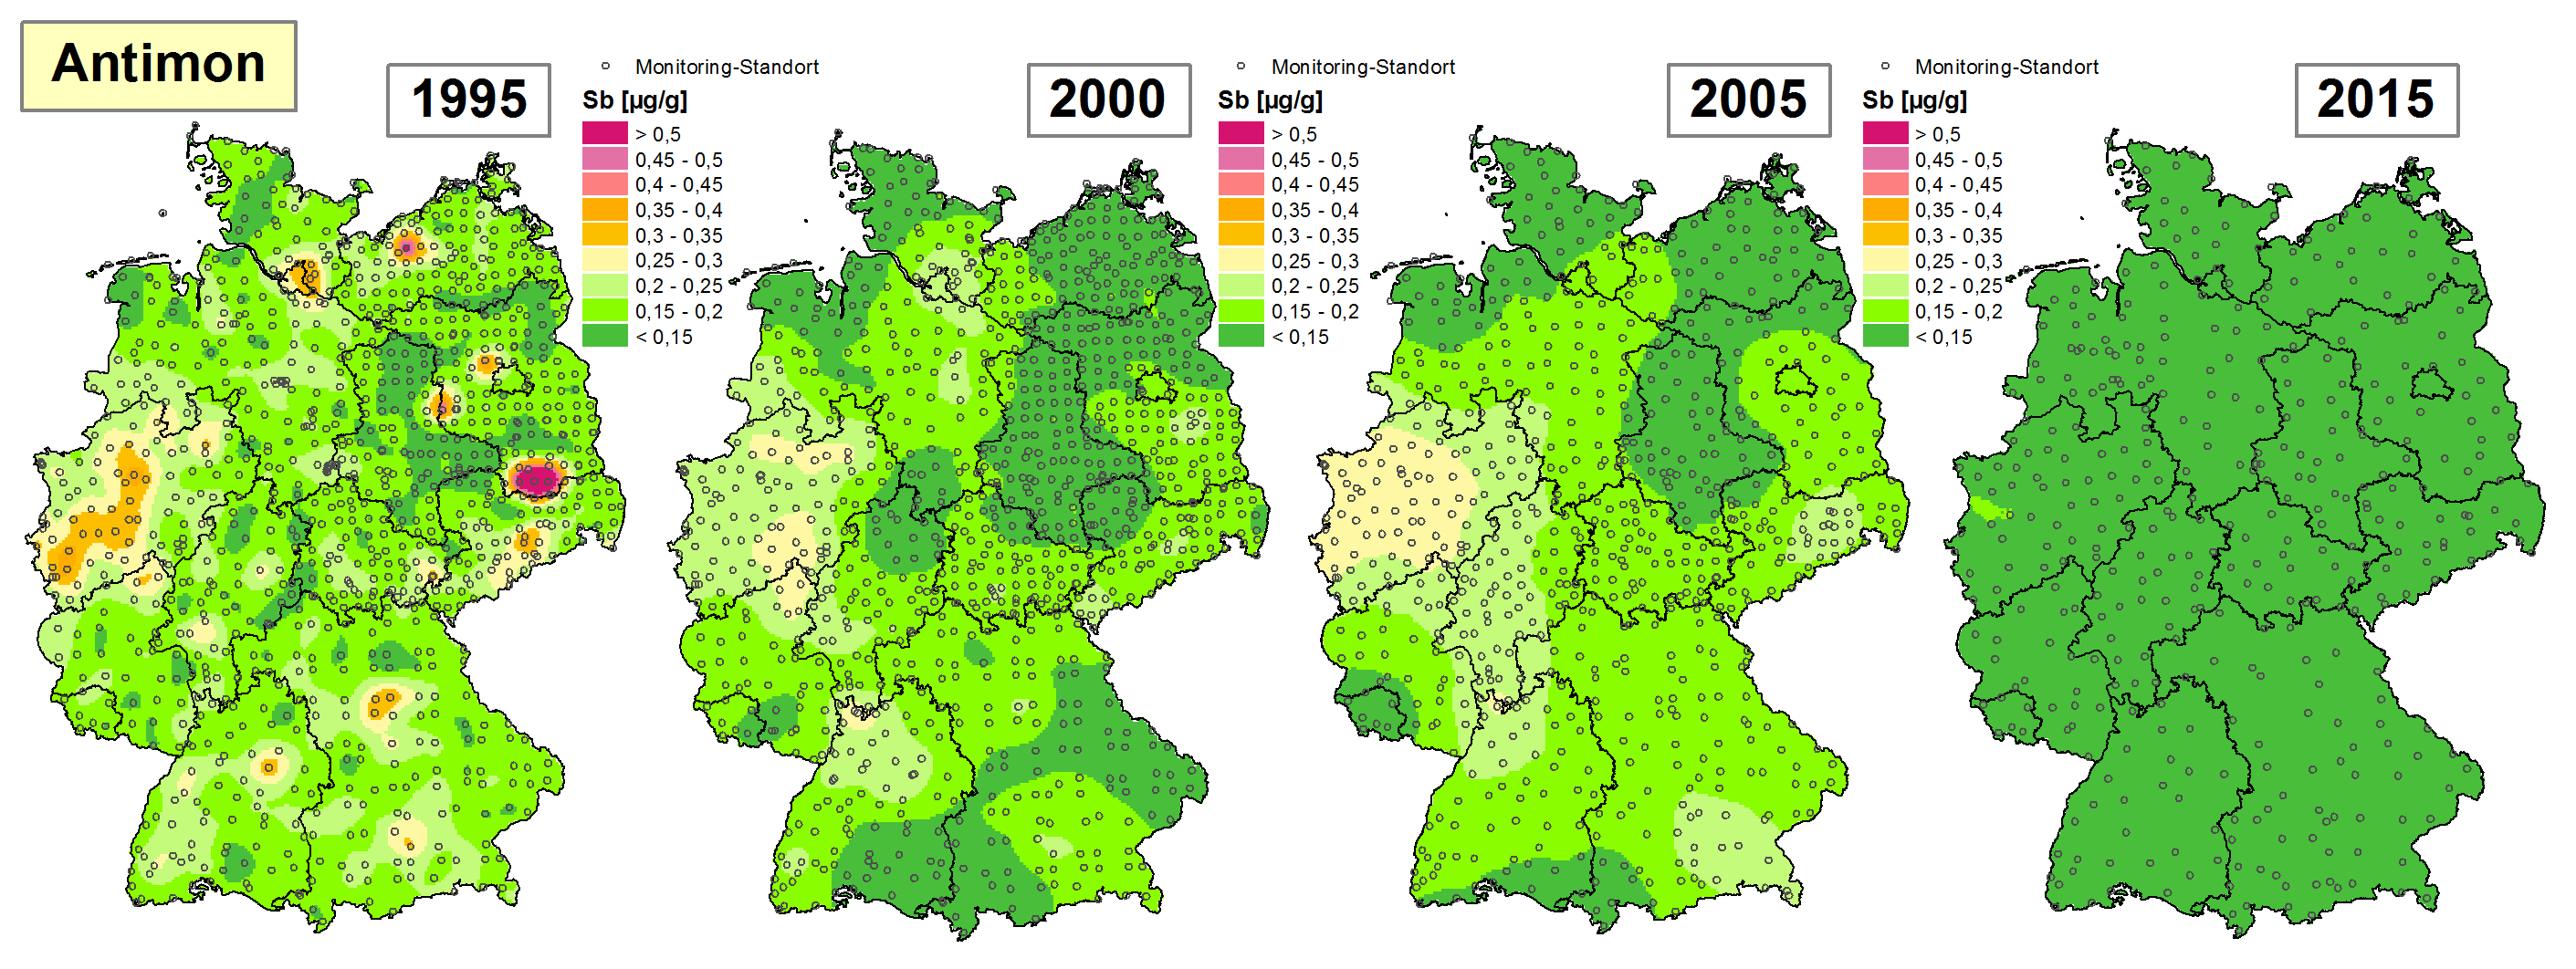 Die Grafik zeigt die Höhe der Bioakkumulation von Antimon und Entwicklung dieser Konzentration von 1995 bis 2015/16 in Deutschland.